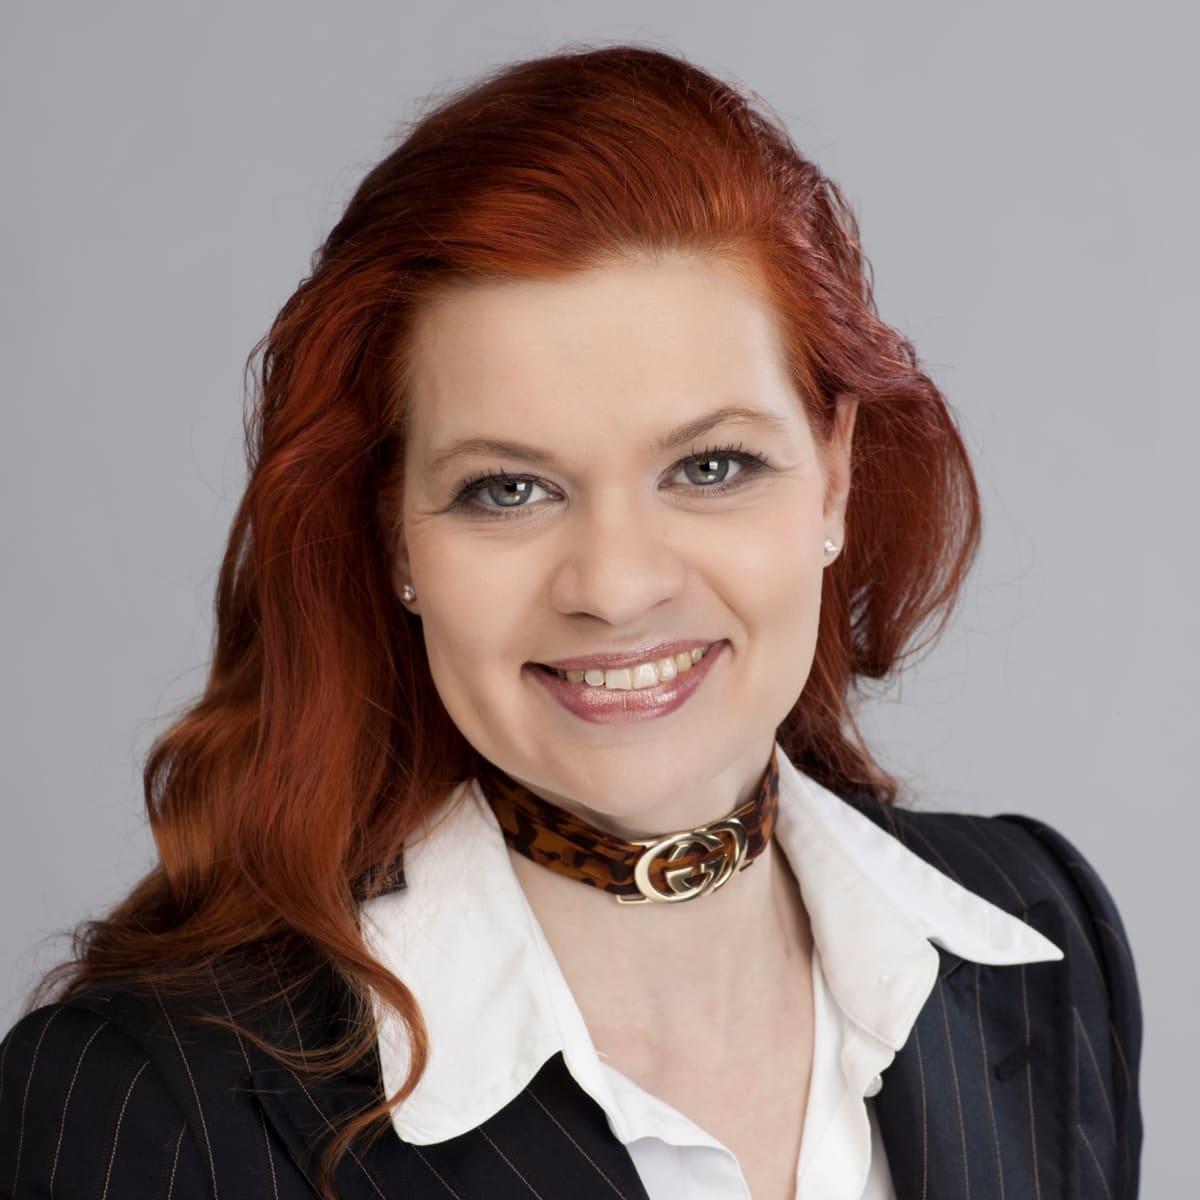 Kuvassa näkyy hallitusneuvos Kirsi Martinkauppi Ympäristöministeriöstä.